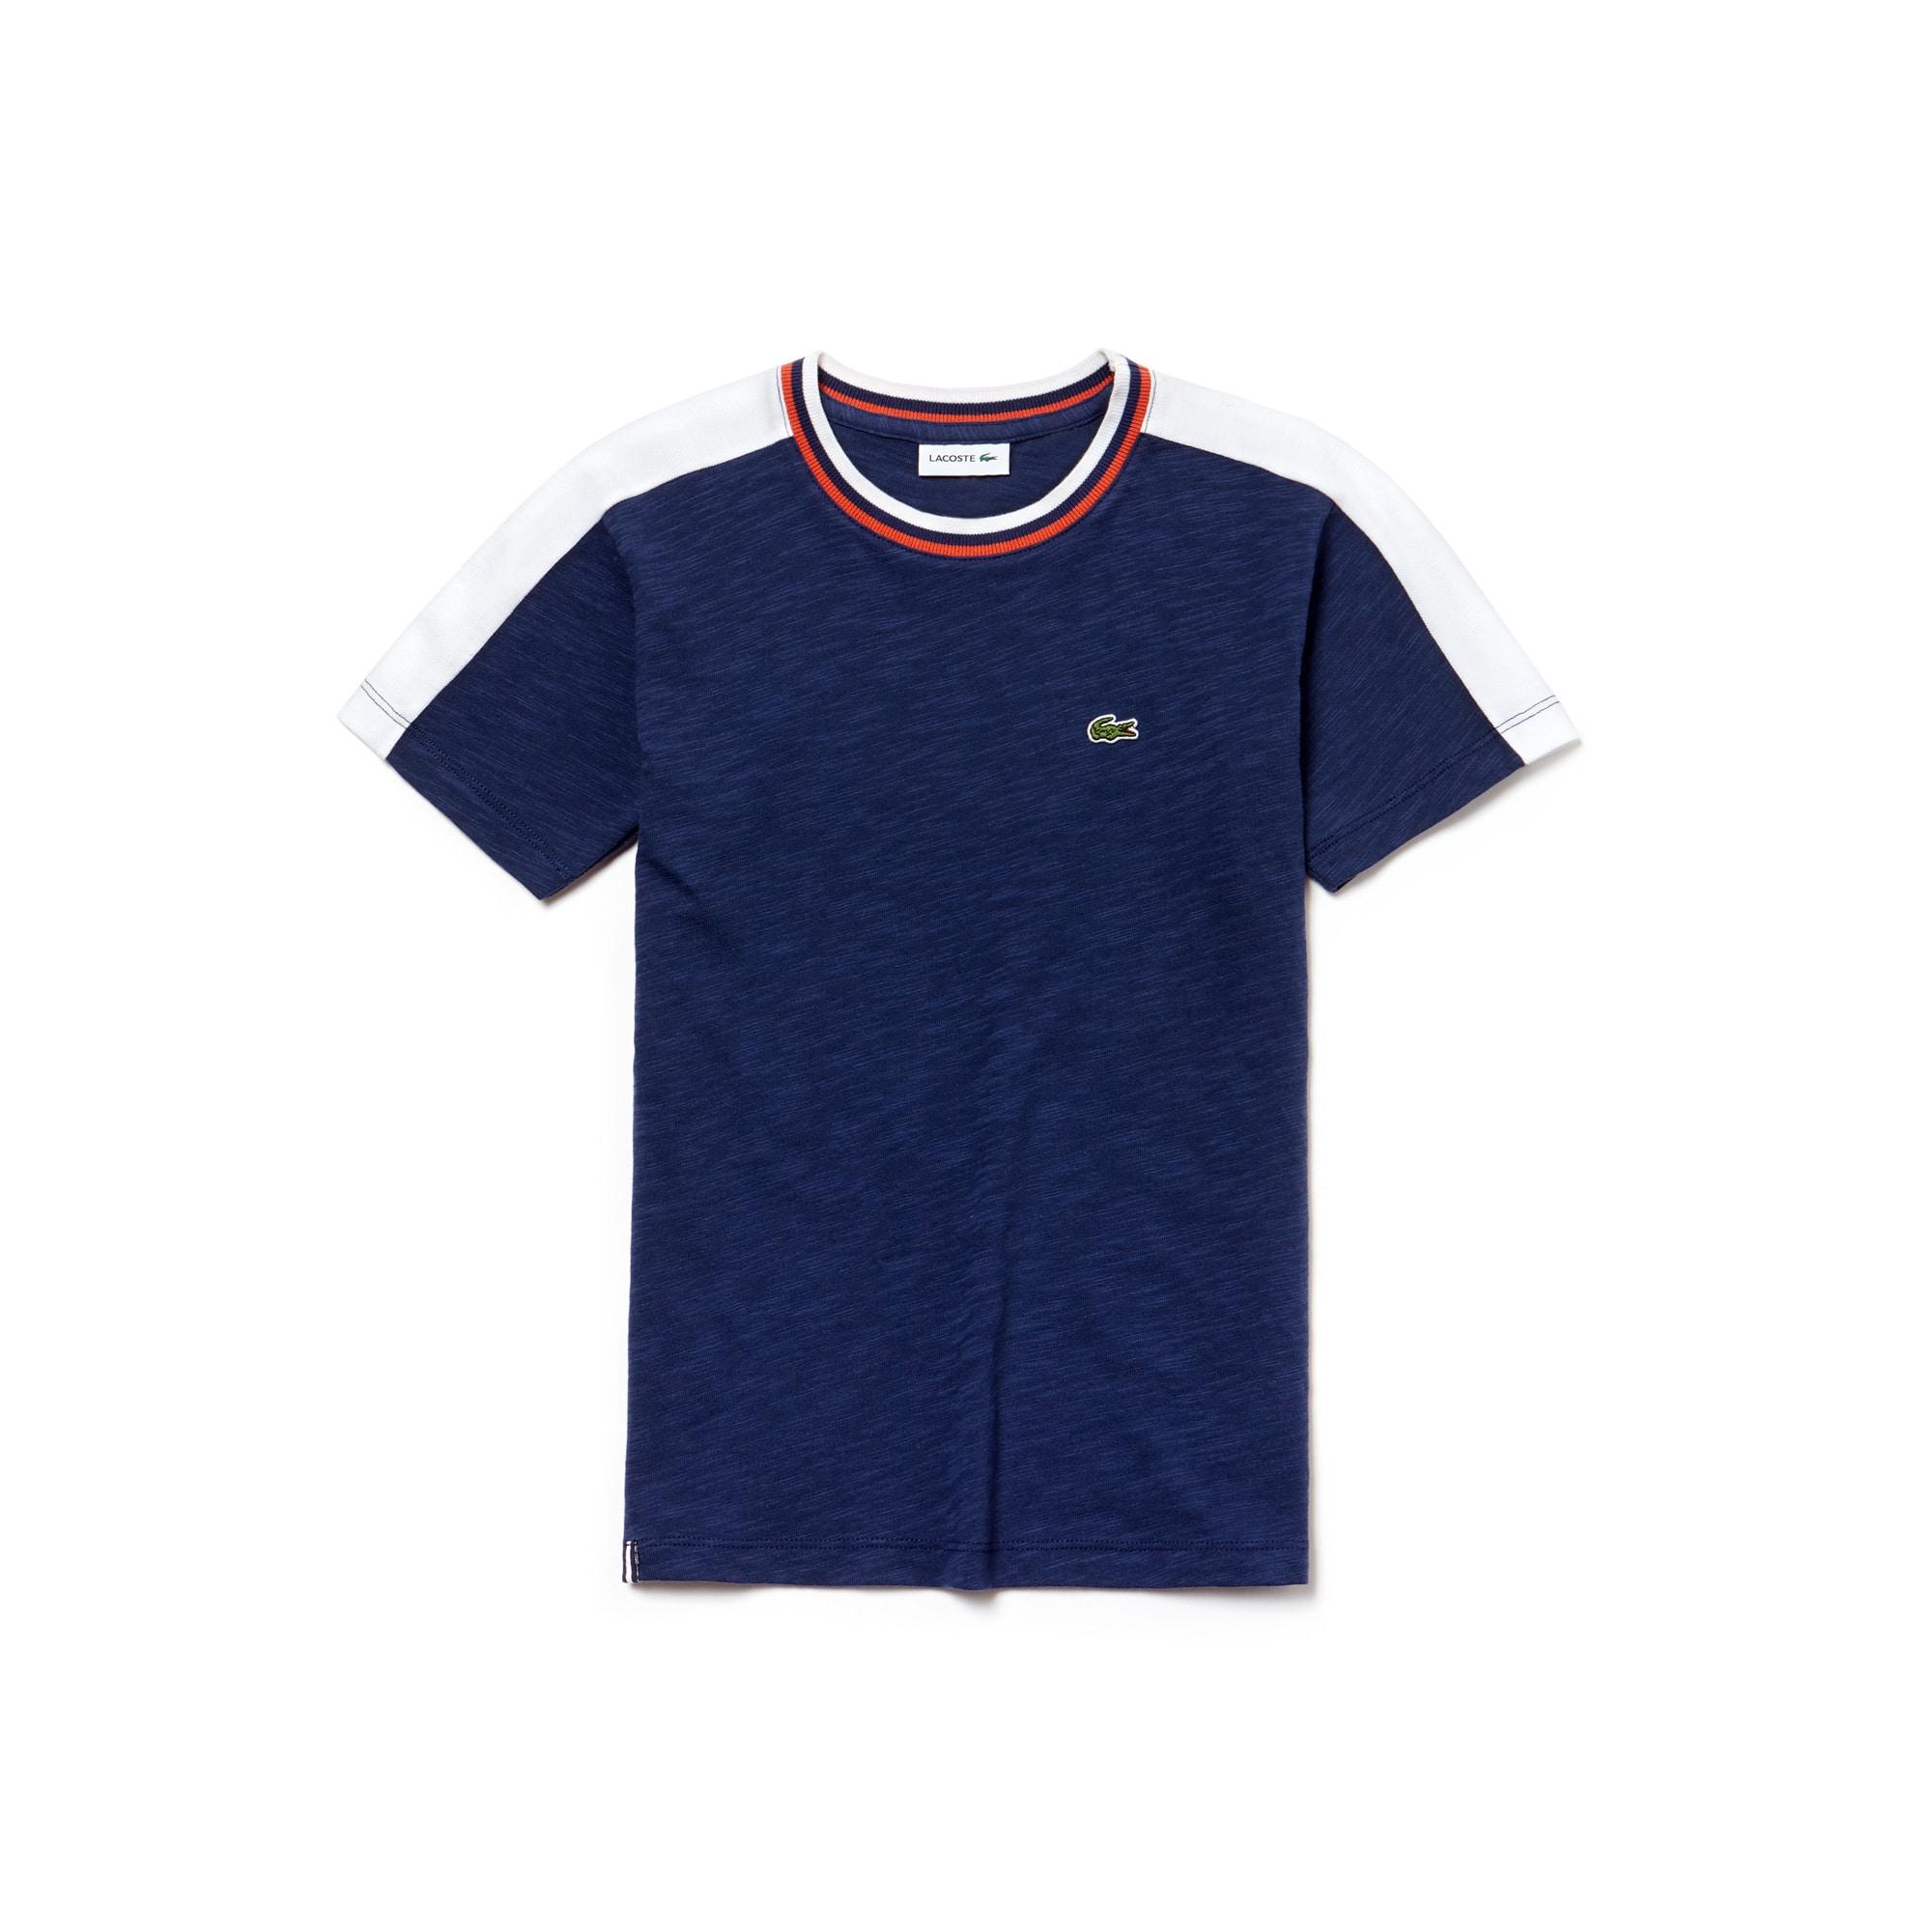 T-shirt jongens colorblock flammé-jersey